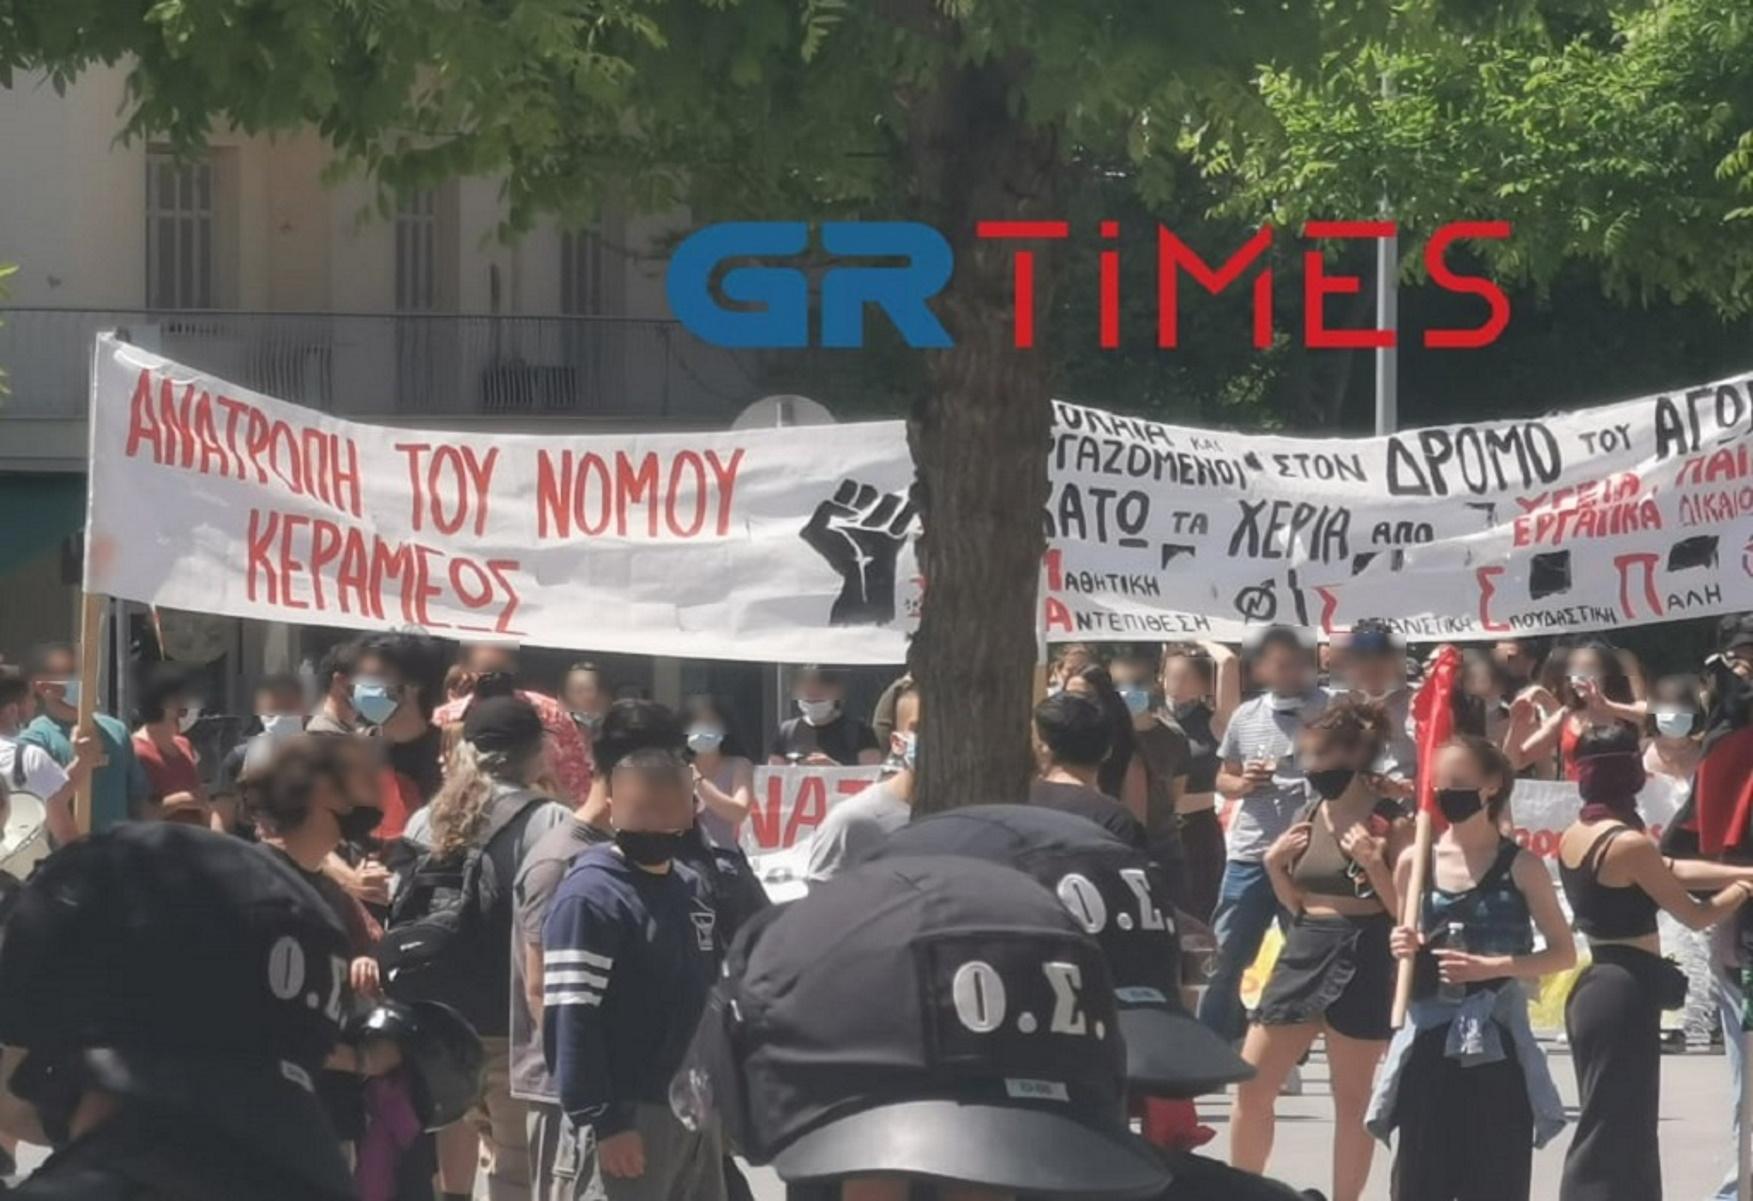 Θεσσαλονίκη: Νέο συλλαλητήριο κατά του νόμου Κεραμέως – Χρυσοχοΐδη (pics, vid)